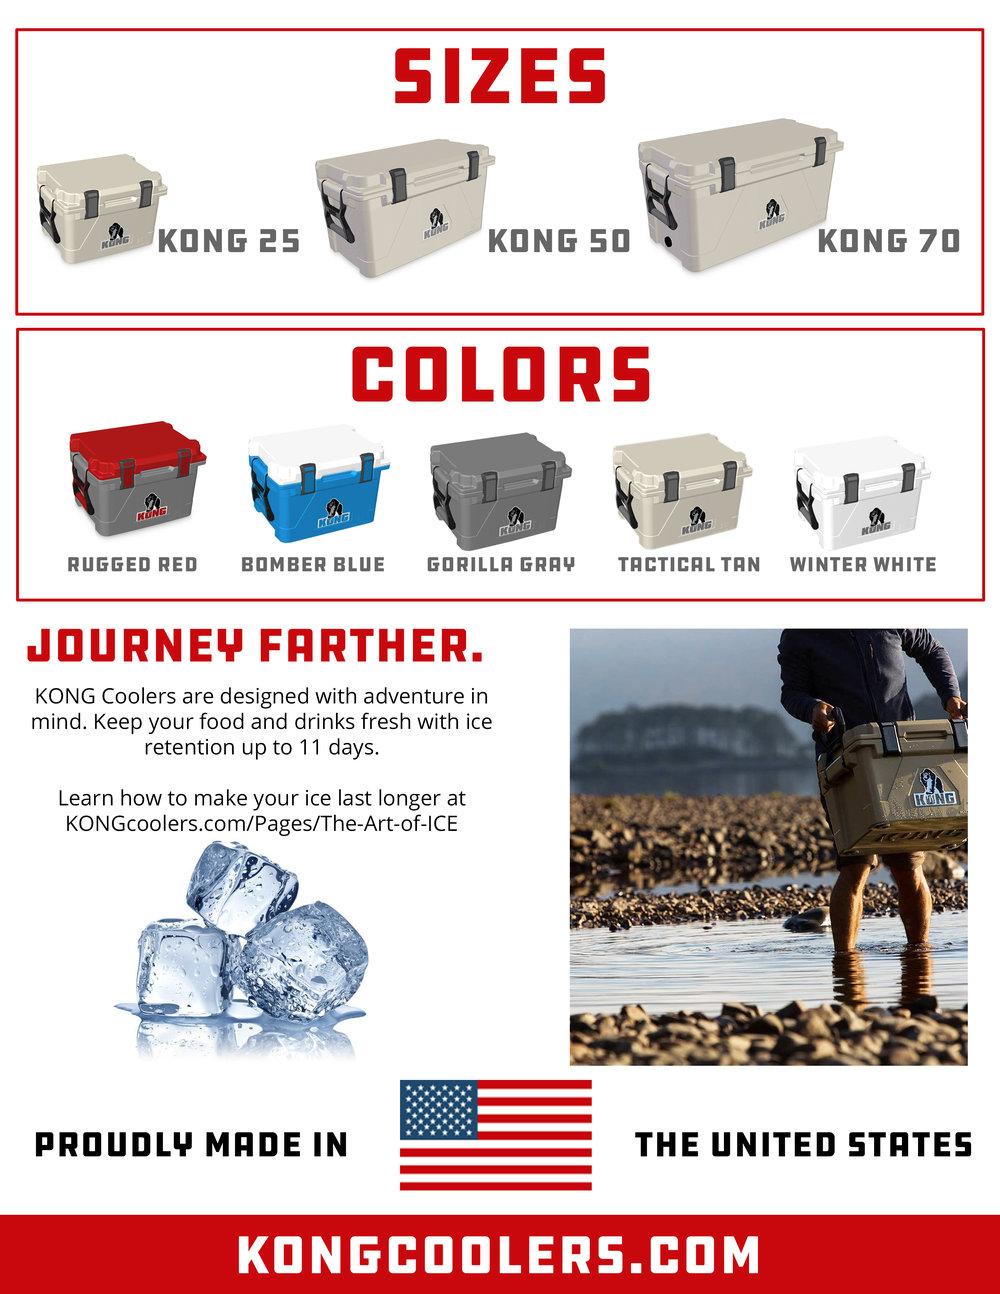 KONG Coolers Flyer - Back